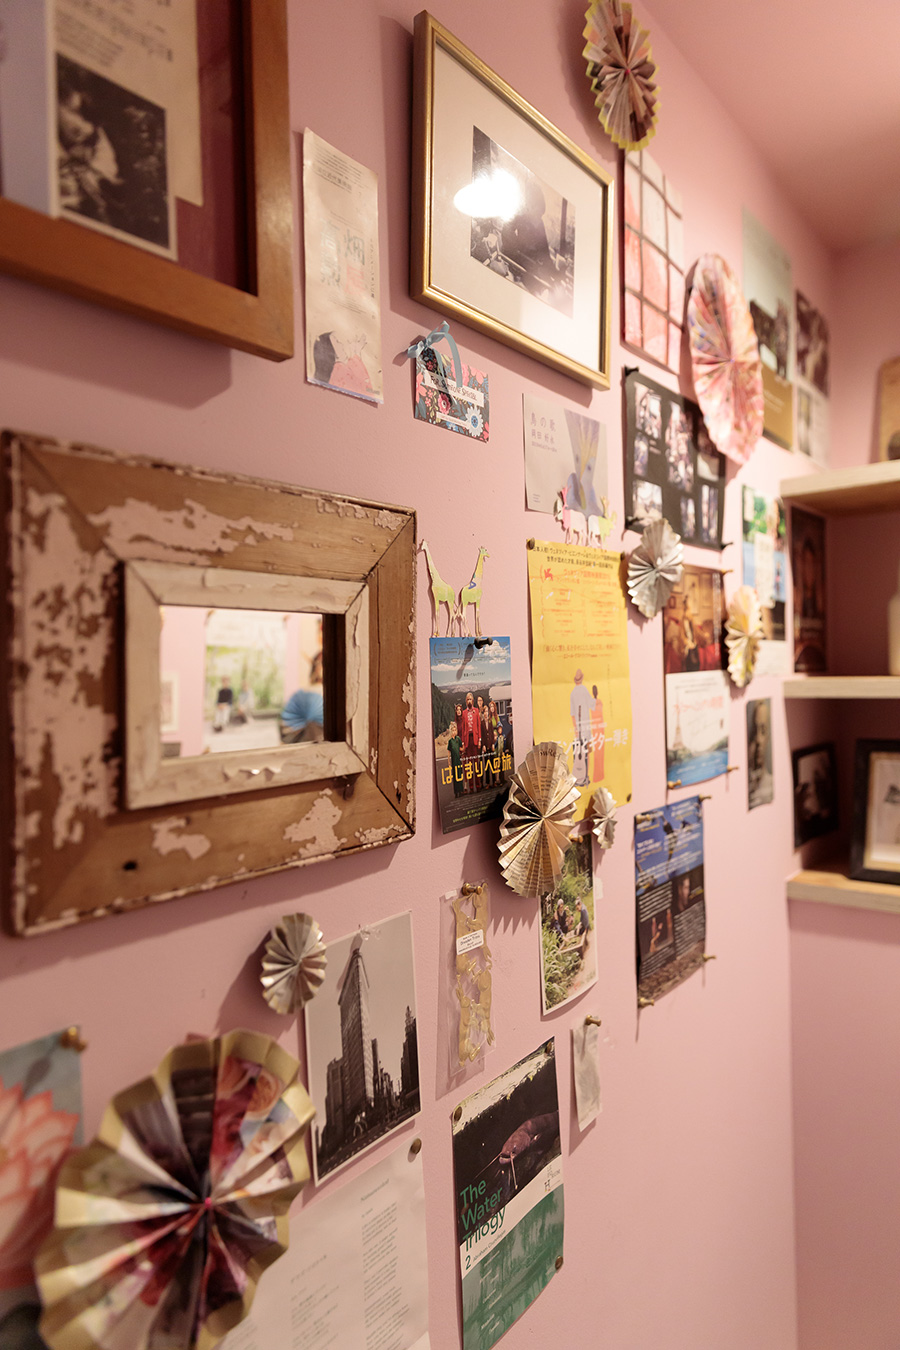 トイレの壁はシャビーなピンク色に塗り、お気に入りの映画や舞台のチラシを貼った。